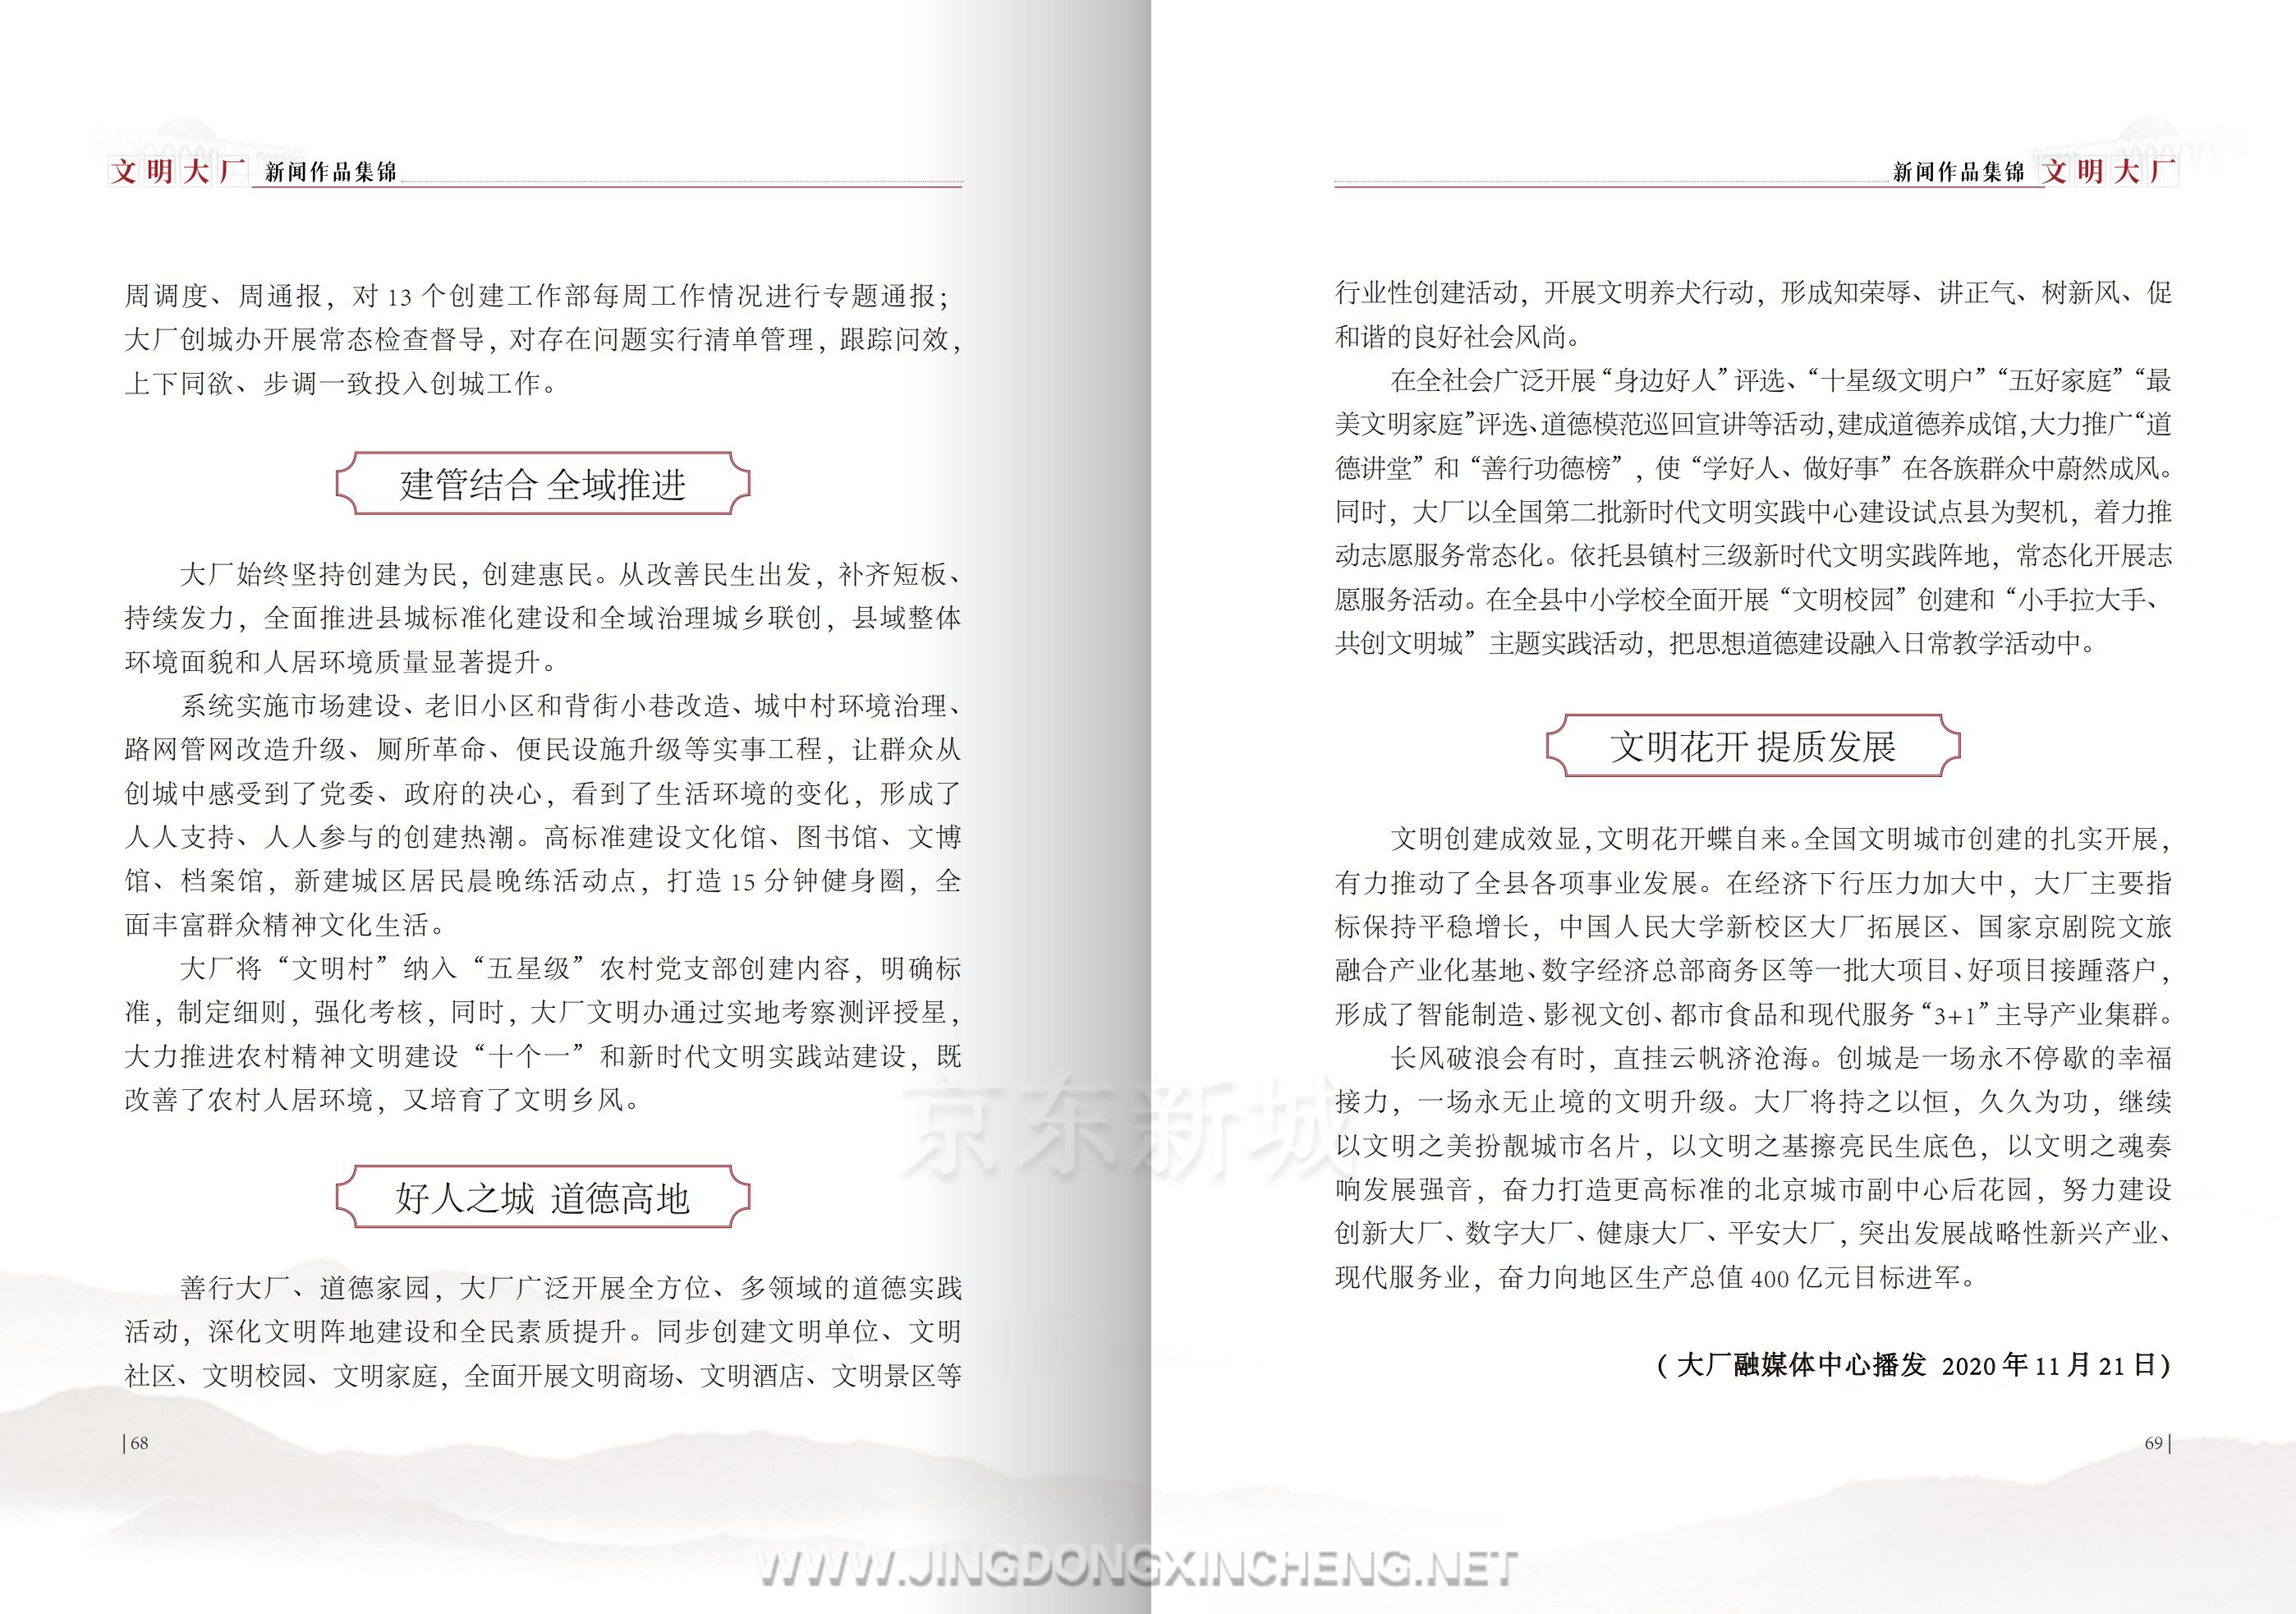 文明大厂书籍-定稿-上传版_38.png